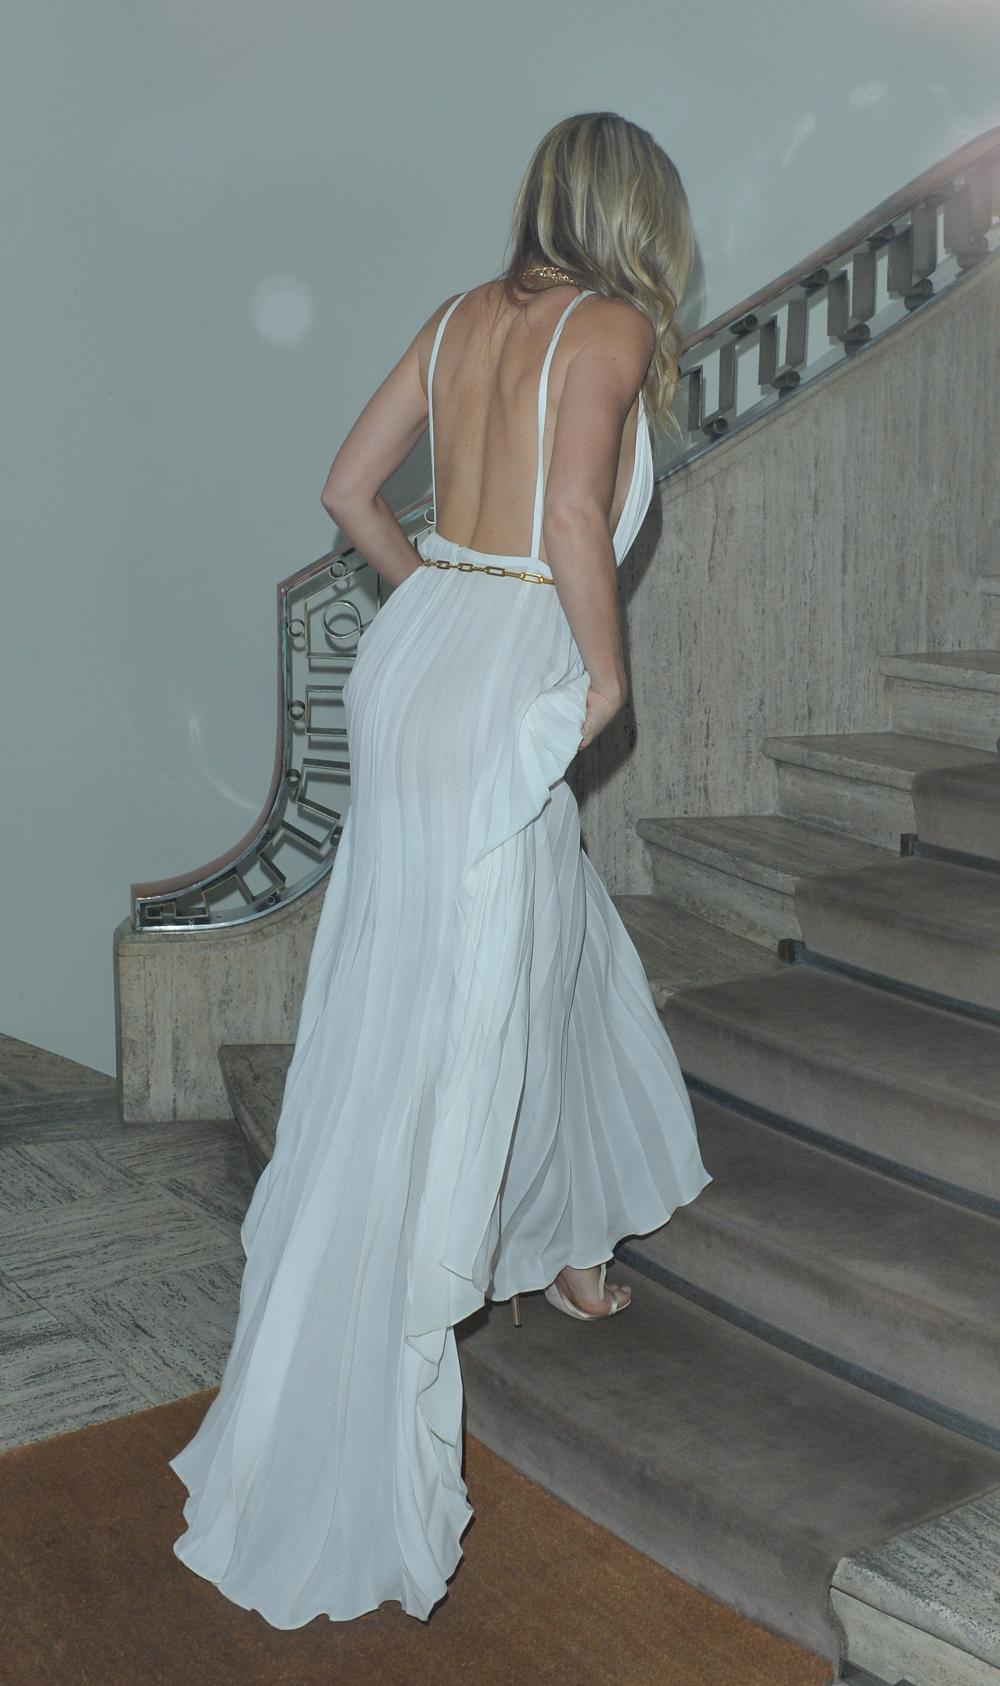 Η πίσω πλευρά του λευκού φορέματος της Γκουίνεθ Πάλτροου με όλη την πλάτη έξω